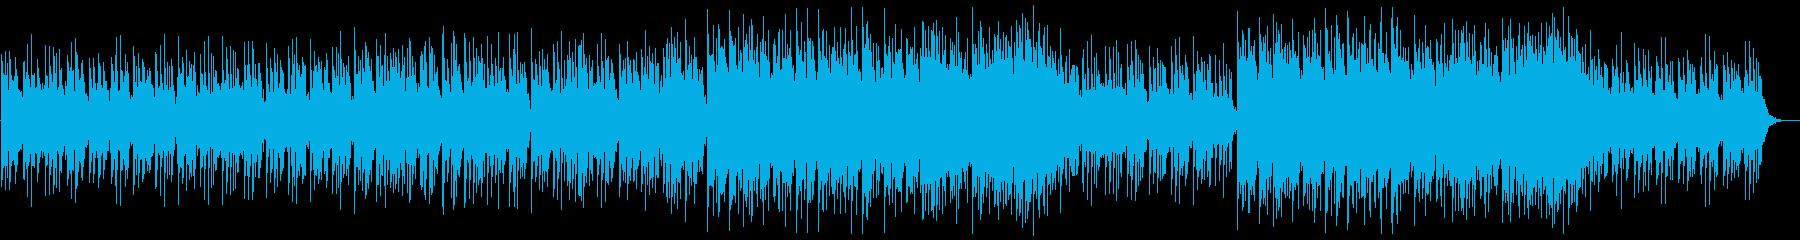 【キック/ベース抜き】意思の強さ、爽やかの再生済みの波形